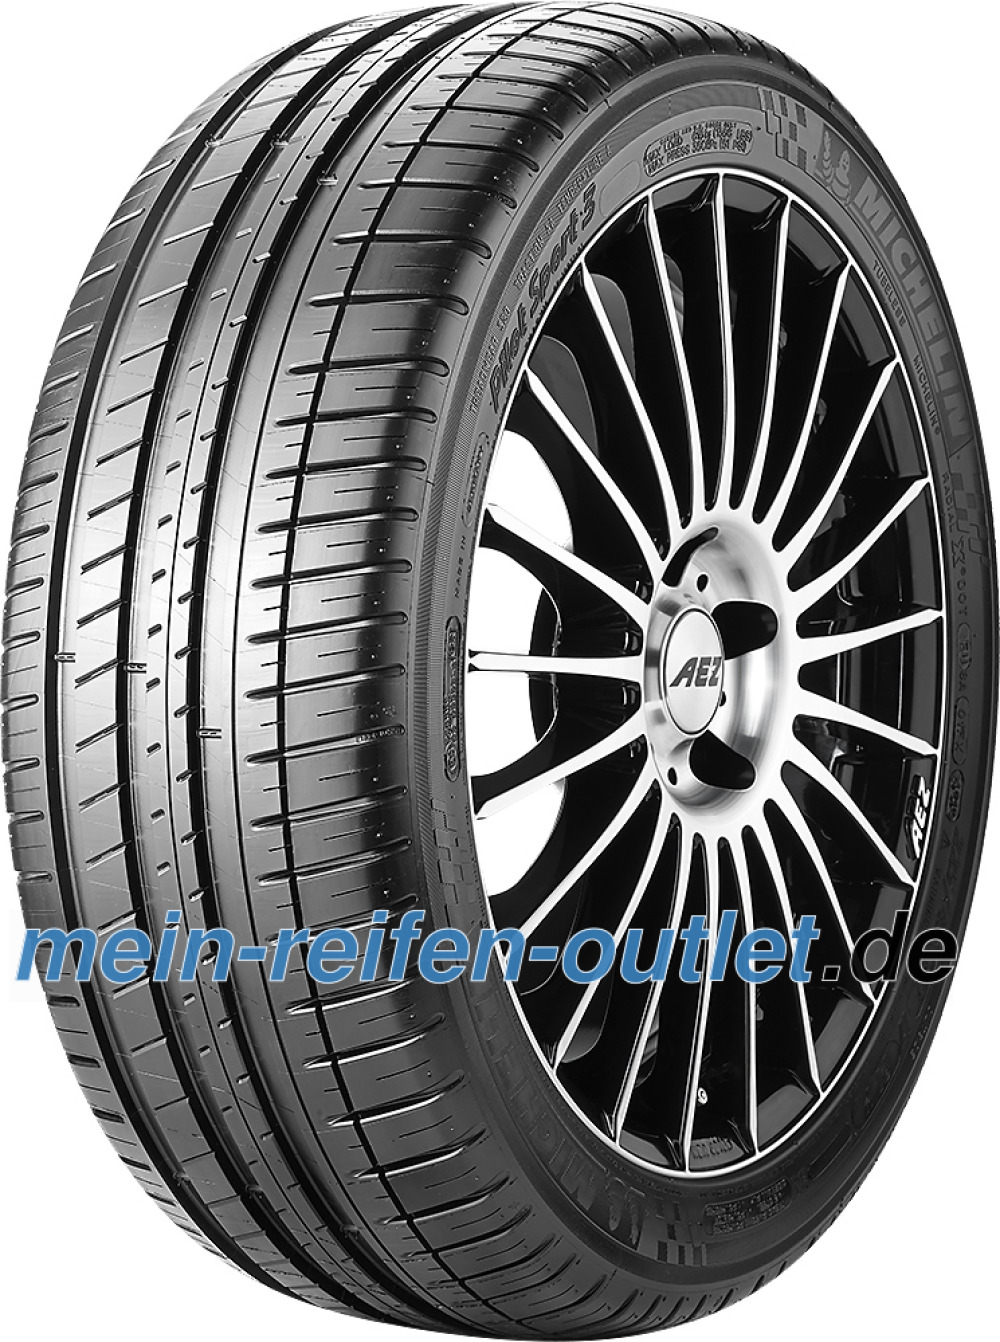 Michelin Pilot Sport 3 ( 245/40 ZR18 97Y XL AO, GRNX, mit Felgenschutzleiste (FSL) )